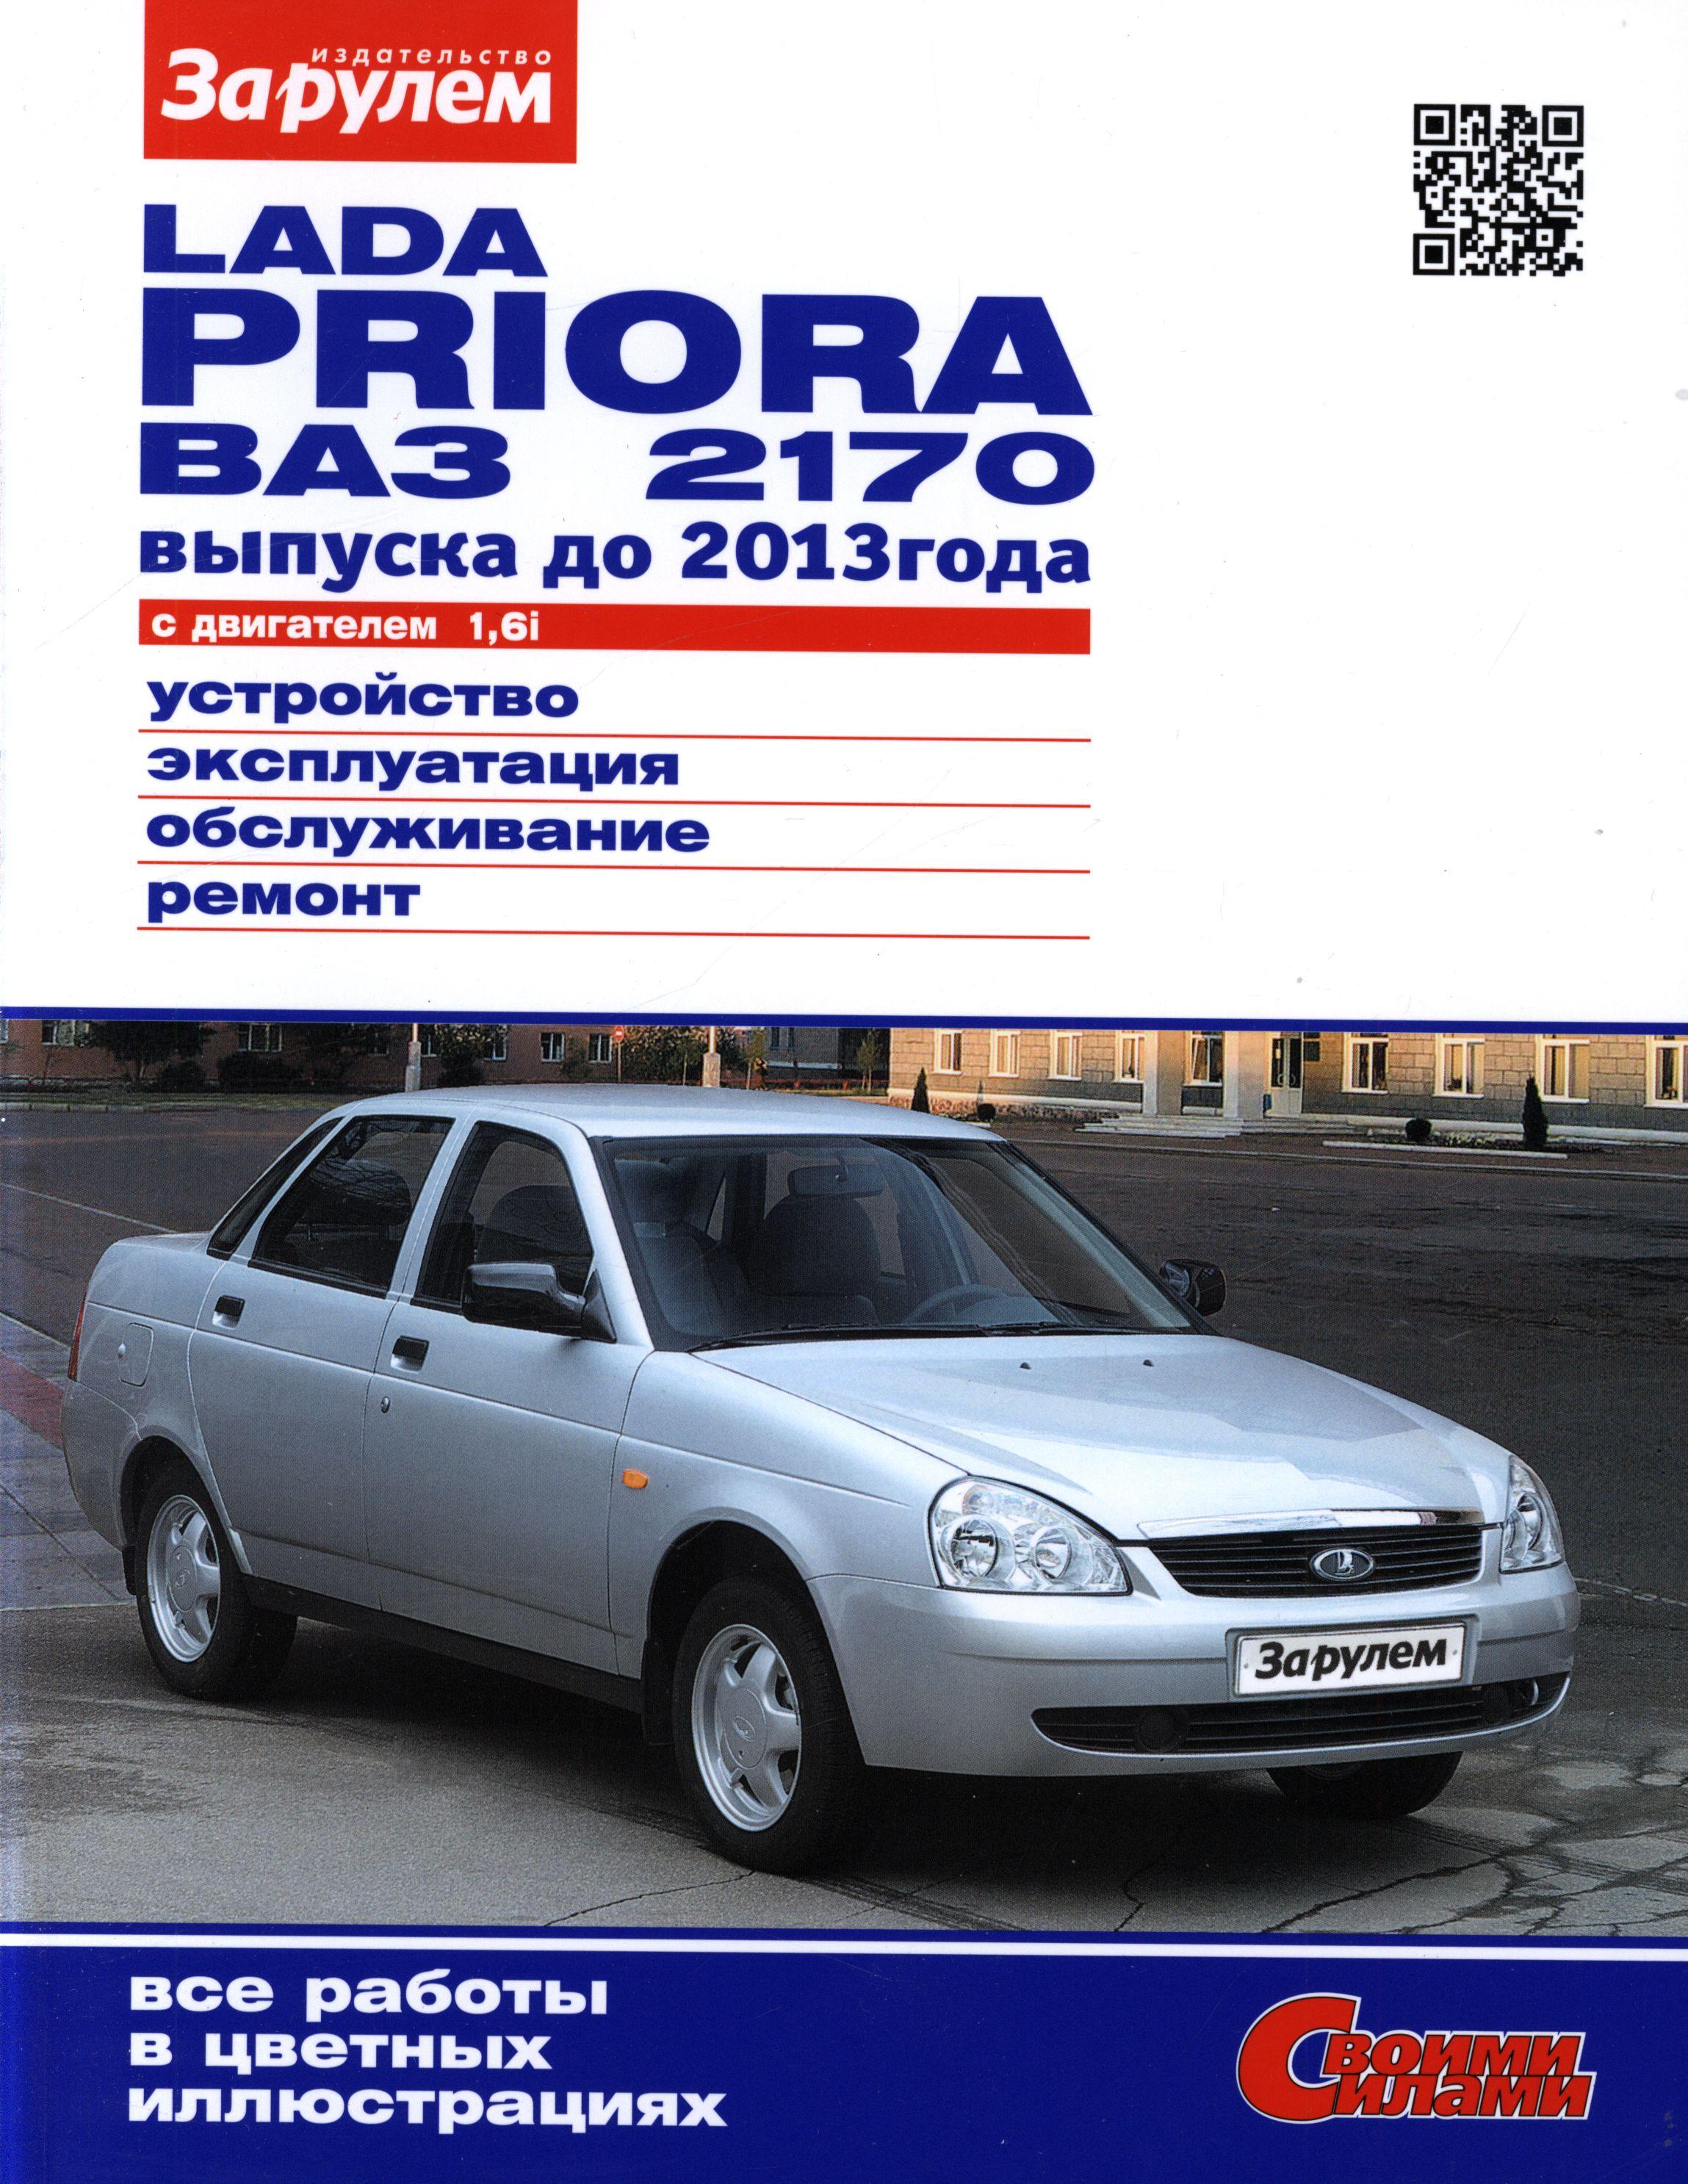 ВАЗ 2170 LADA PRIORA 2007-2013 Руководство по ремонту цветное